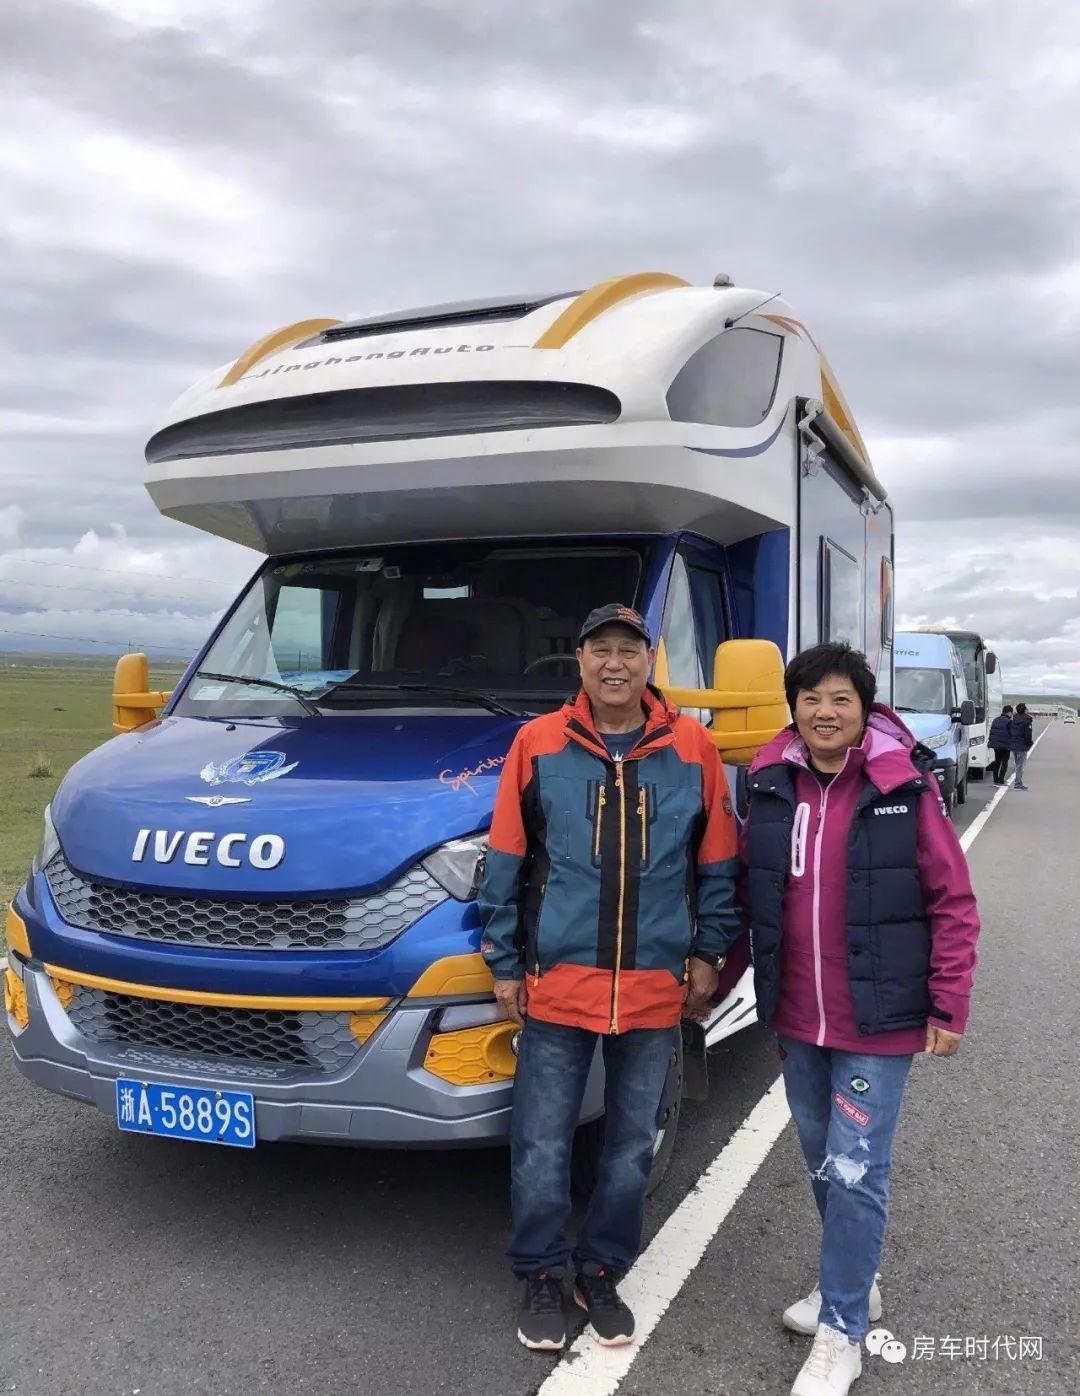 2018进口依维柯房车品牌探索之旅于青海湖完美落幕